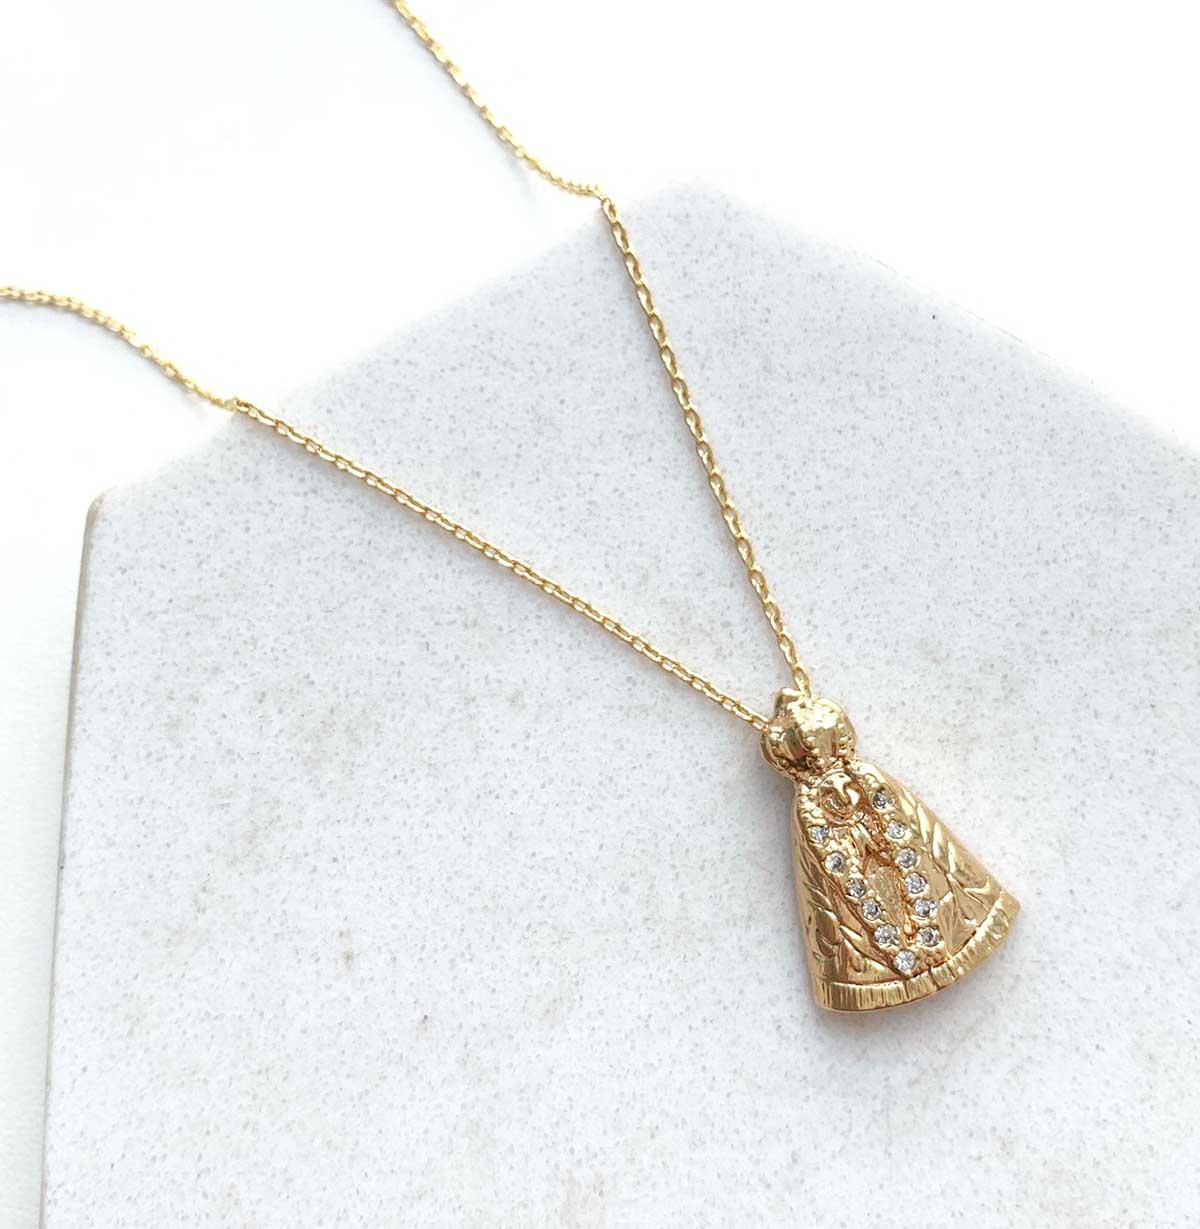 Colar Banhado a Ouro 18k Nossa Senhora Aparecida Detalhes Zircônias